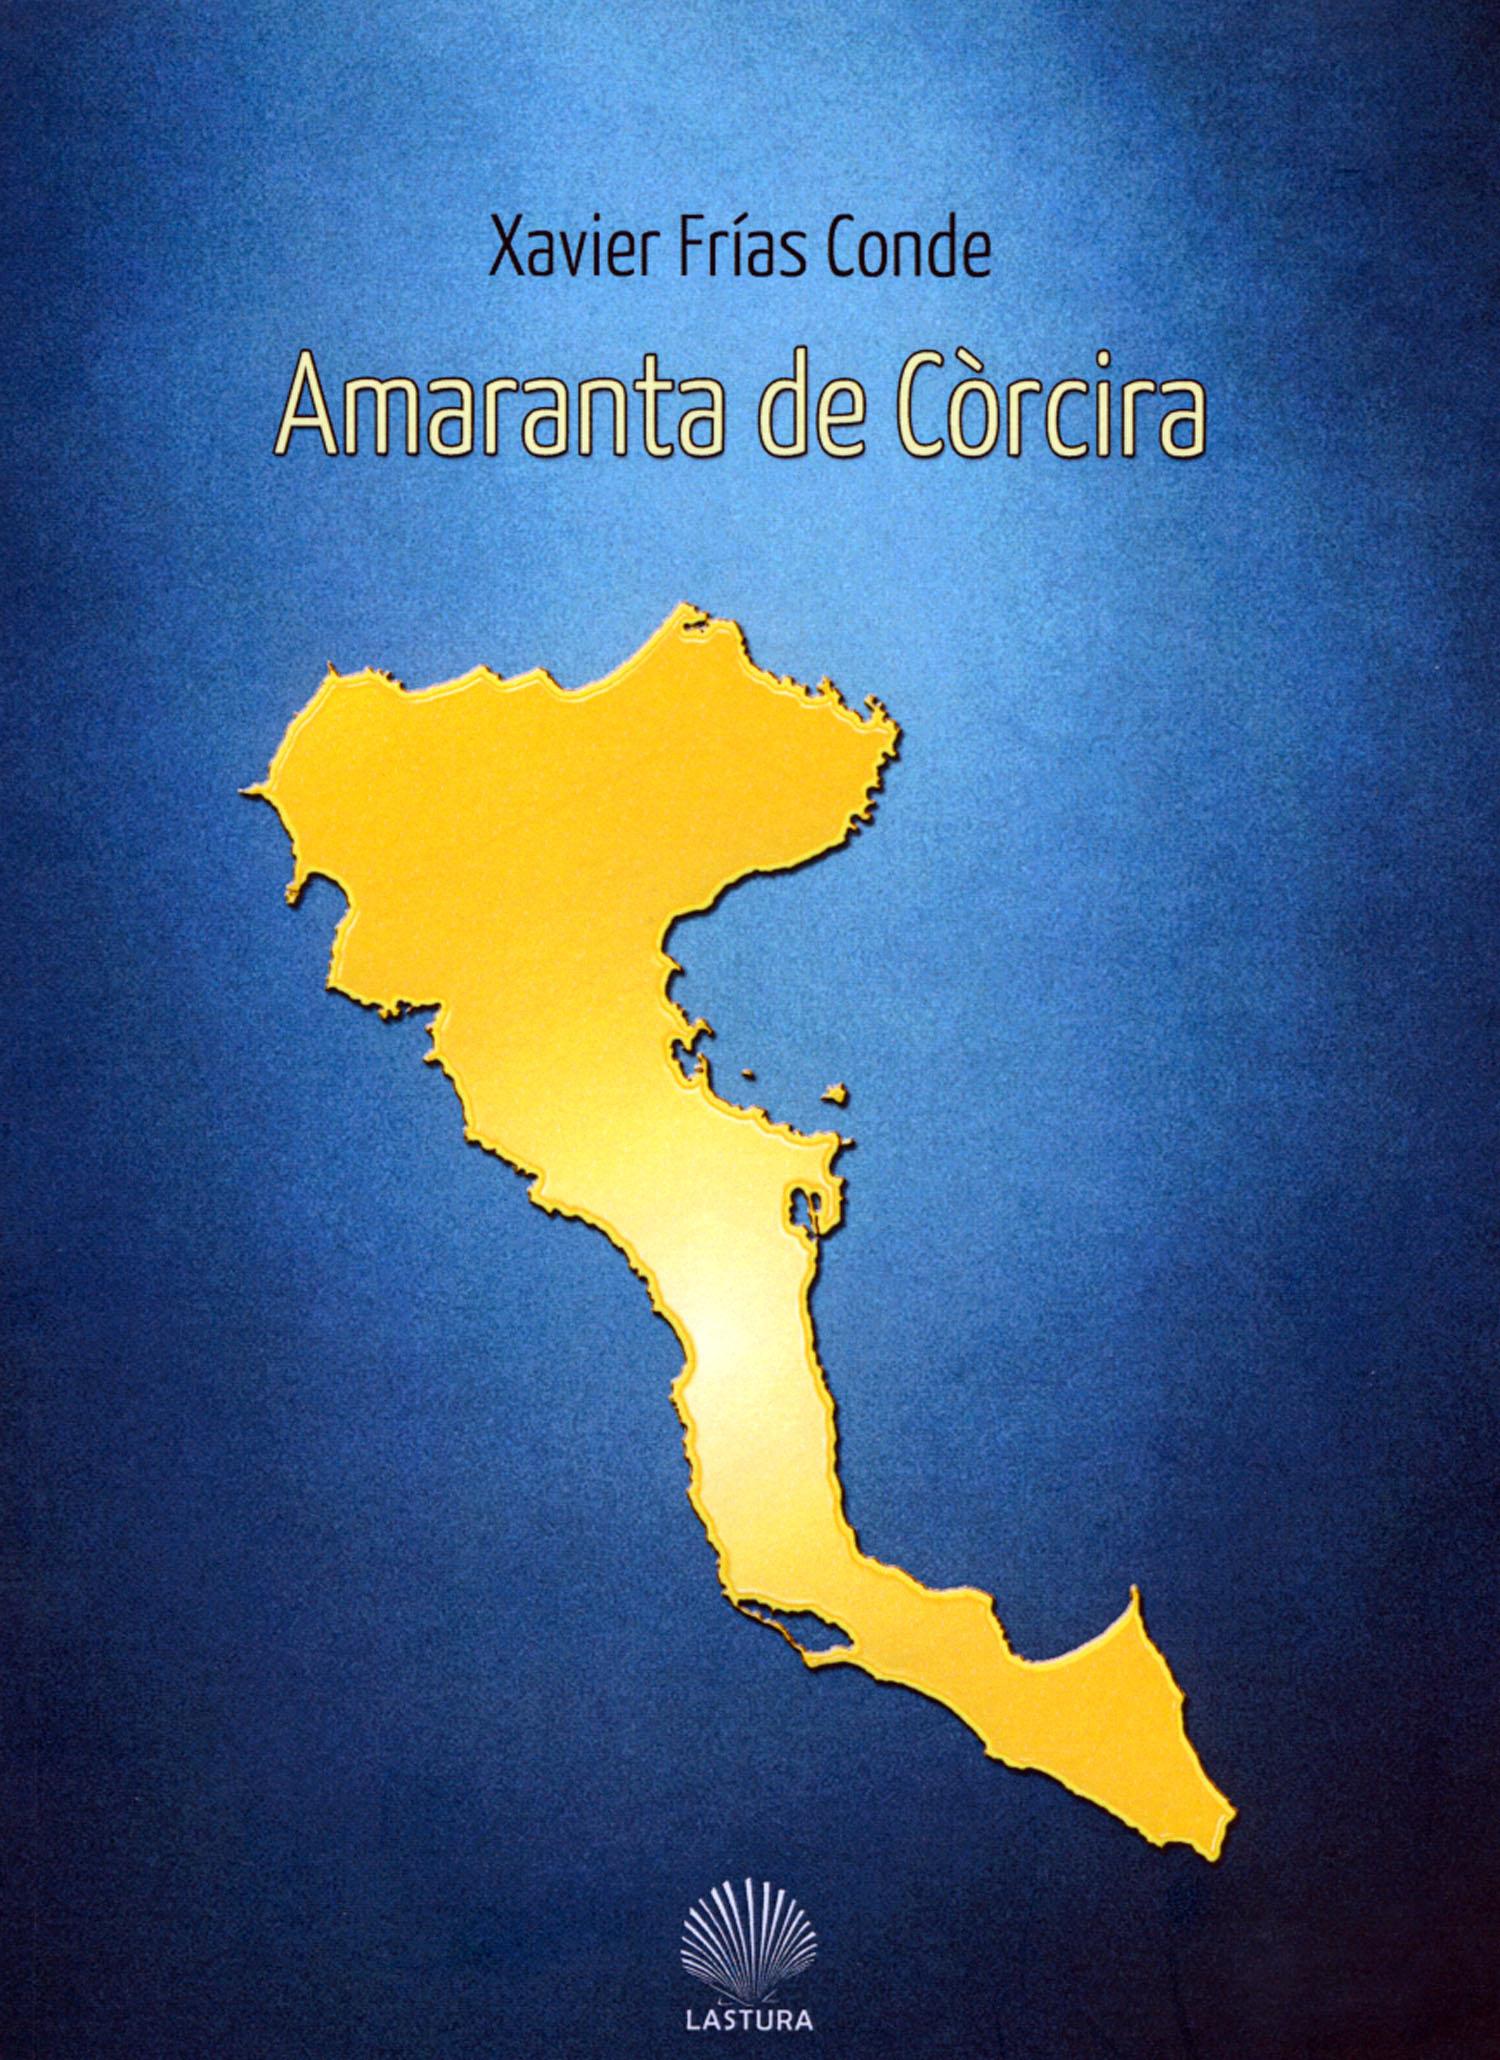 Amaranta de Còrcira